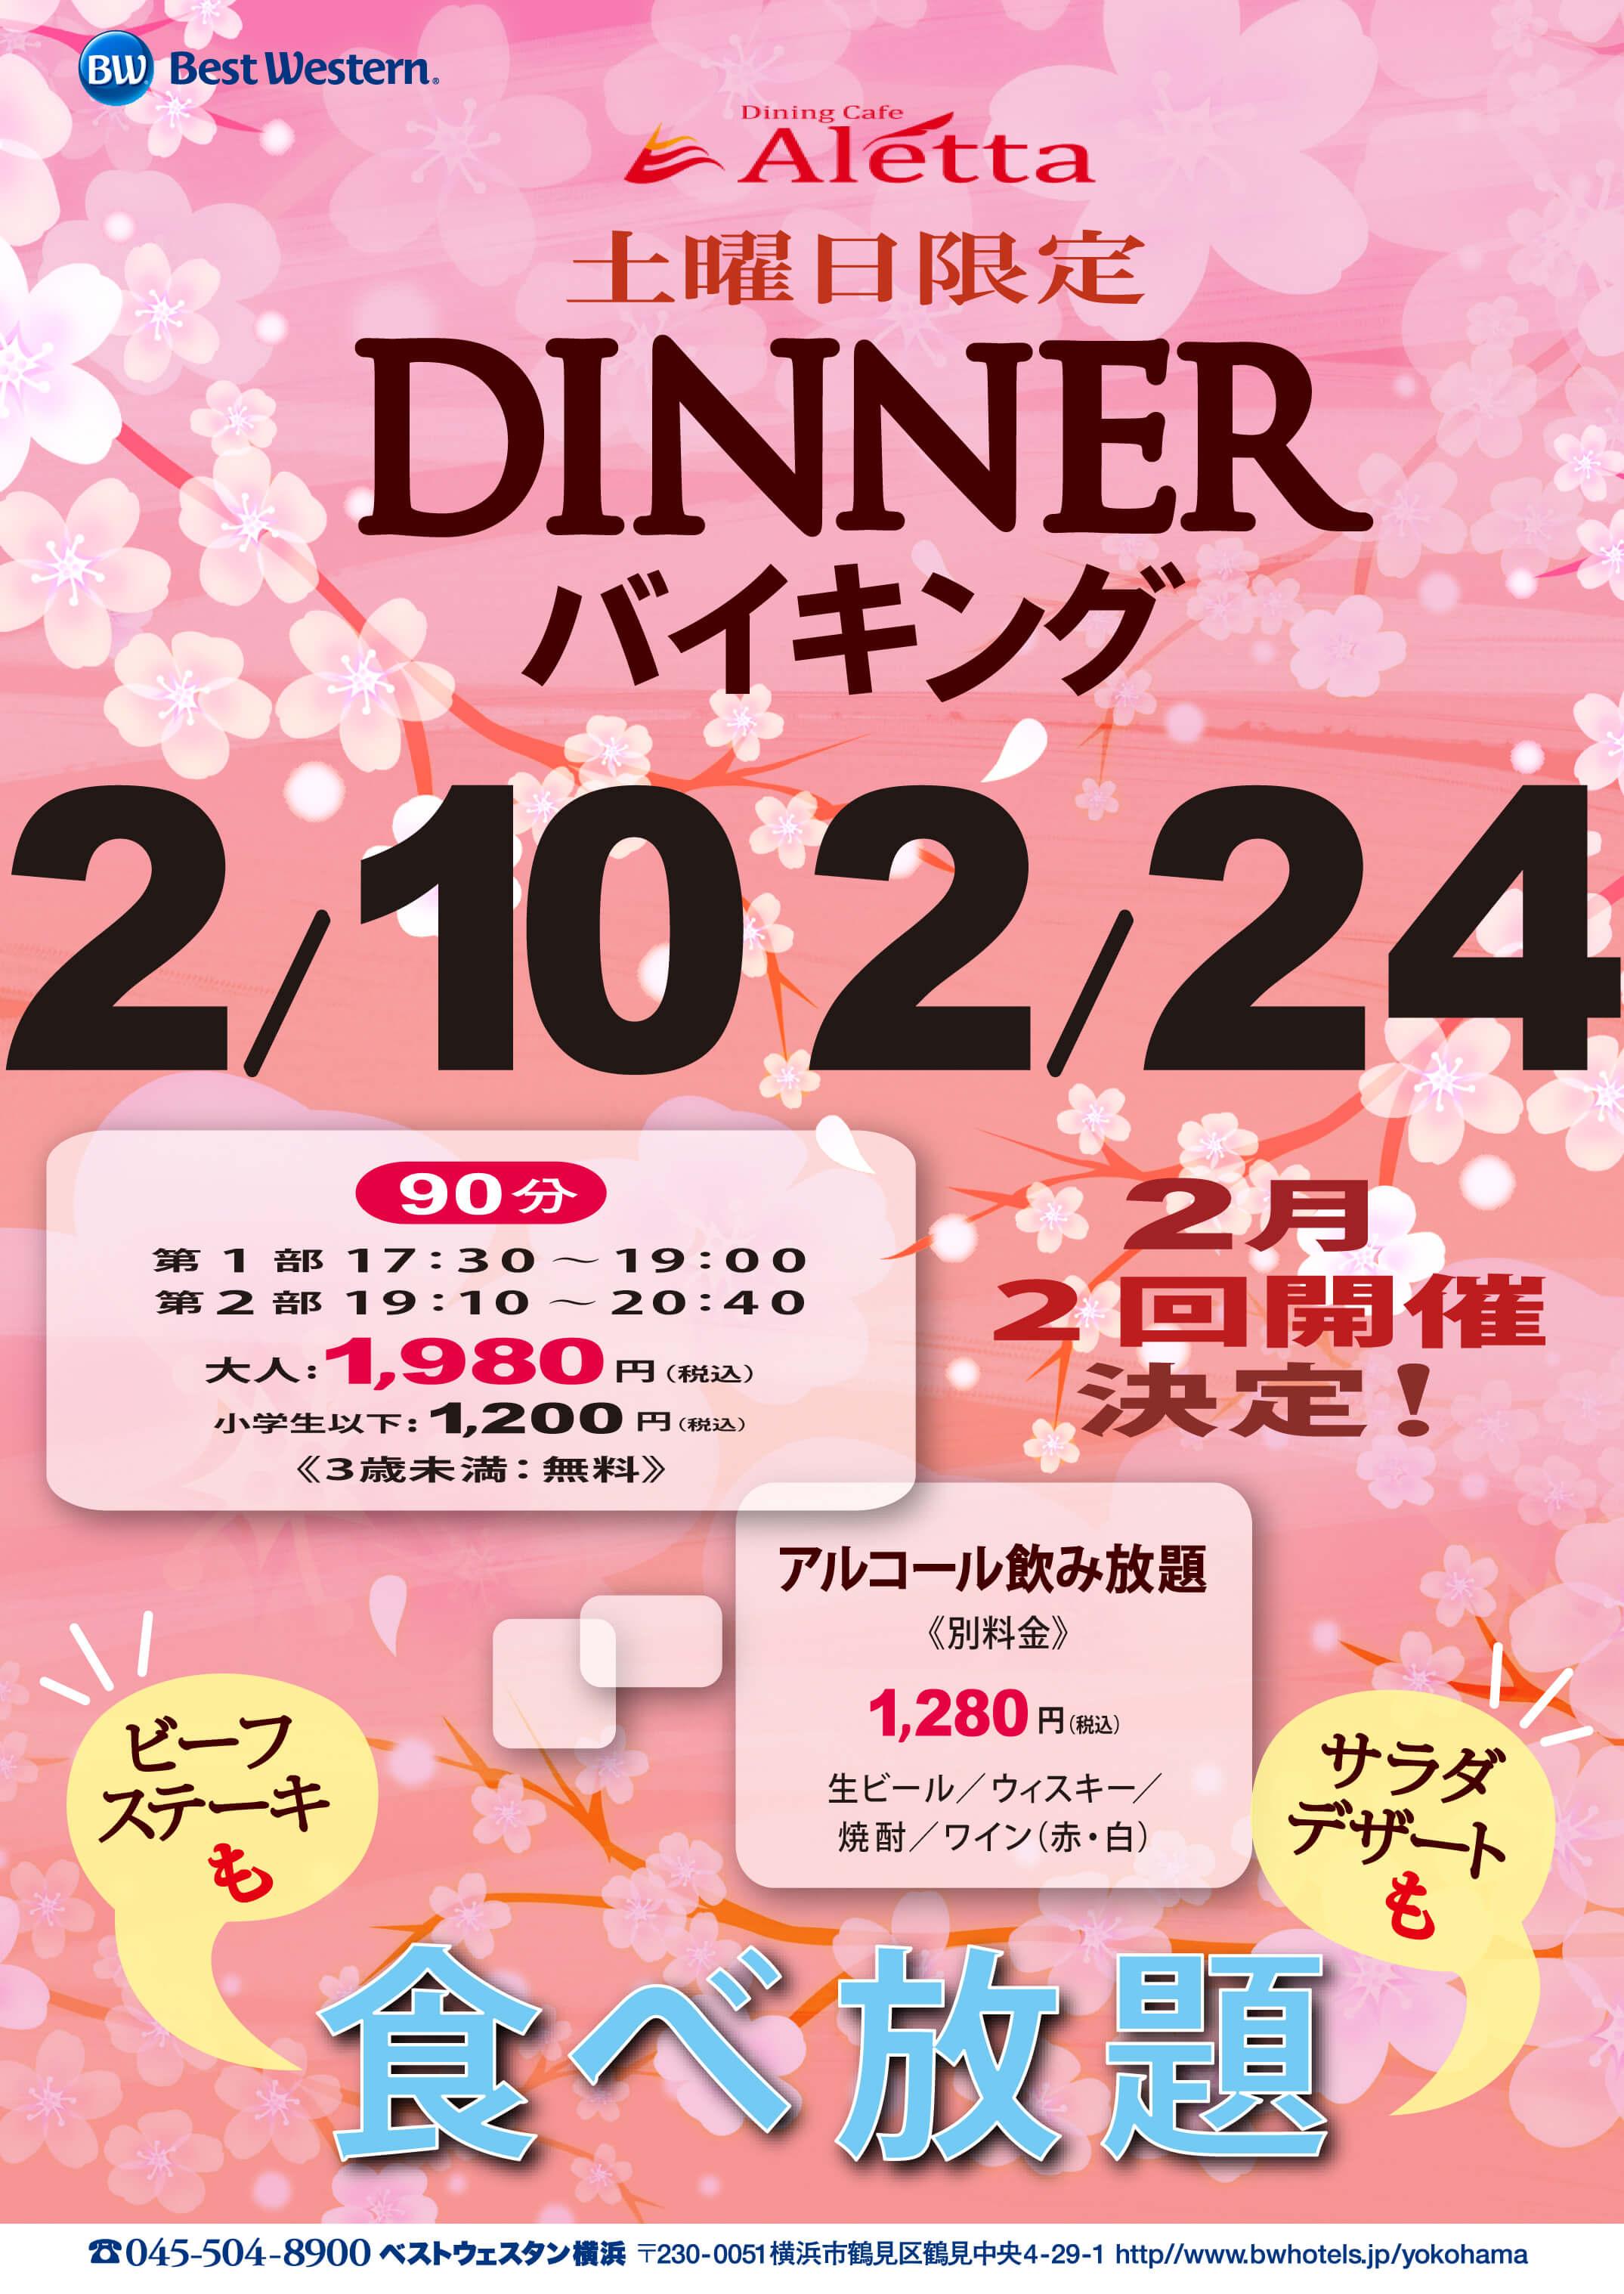 レストラン アレッタ◆土曜日限定|DINNERバイキング 2/10・24◆食べ放題